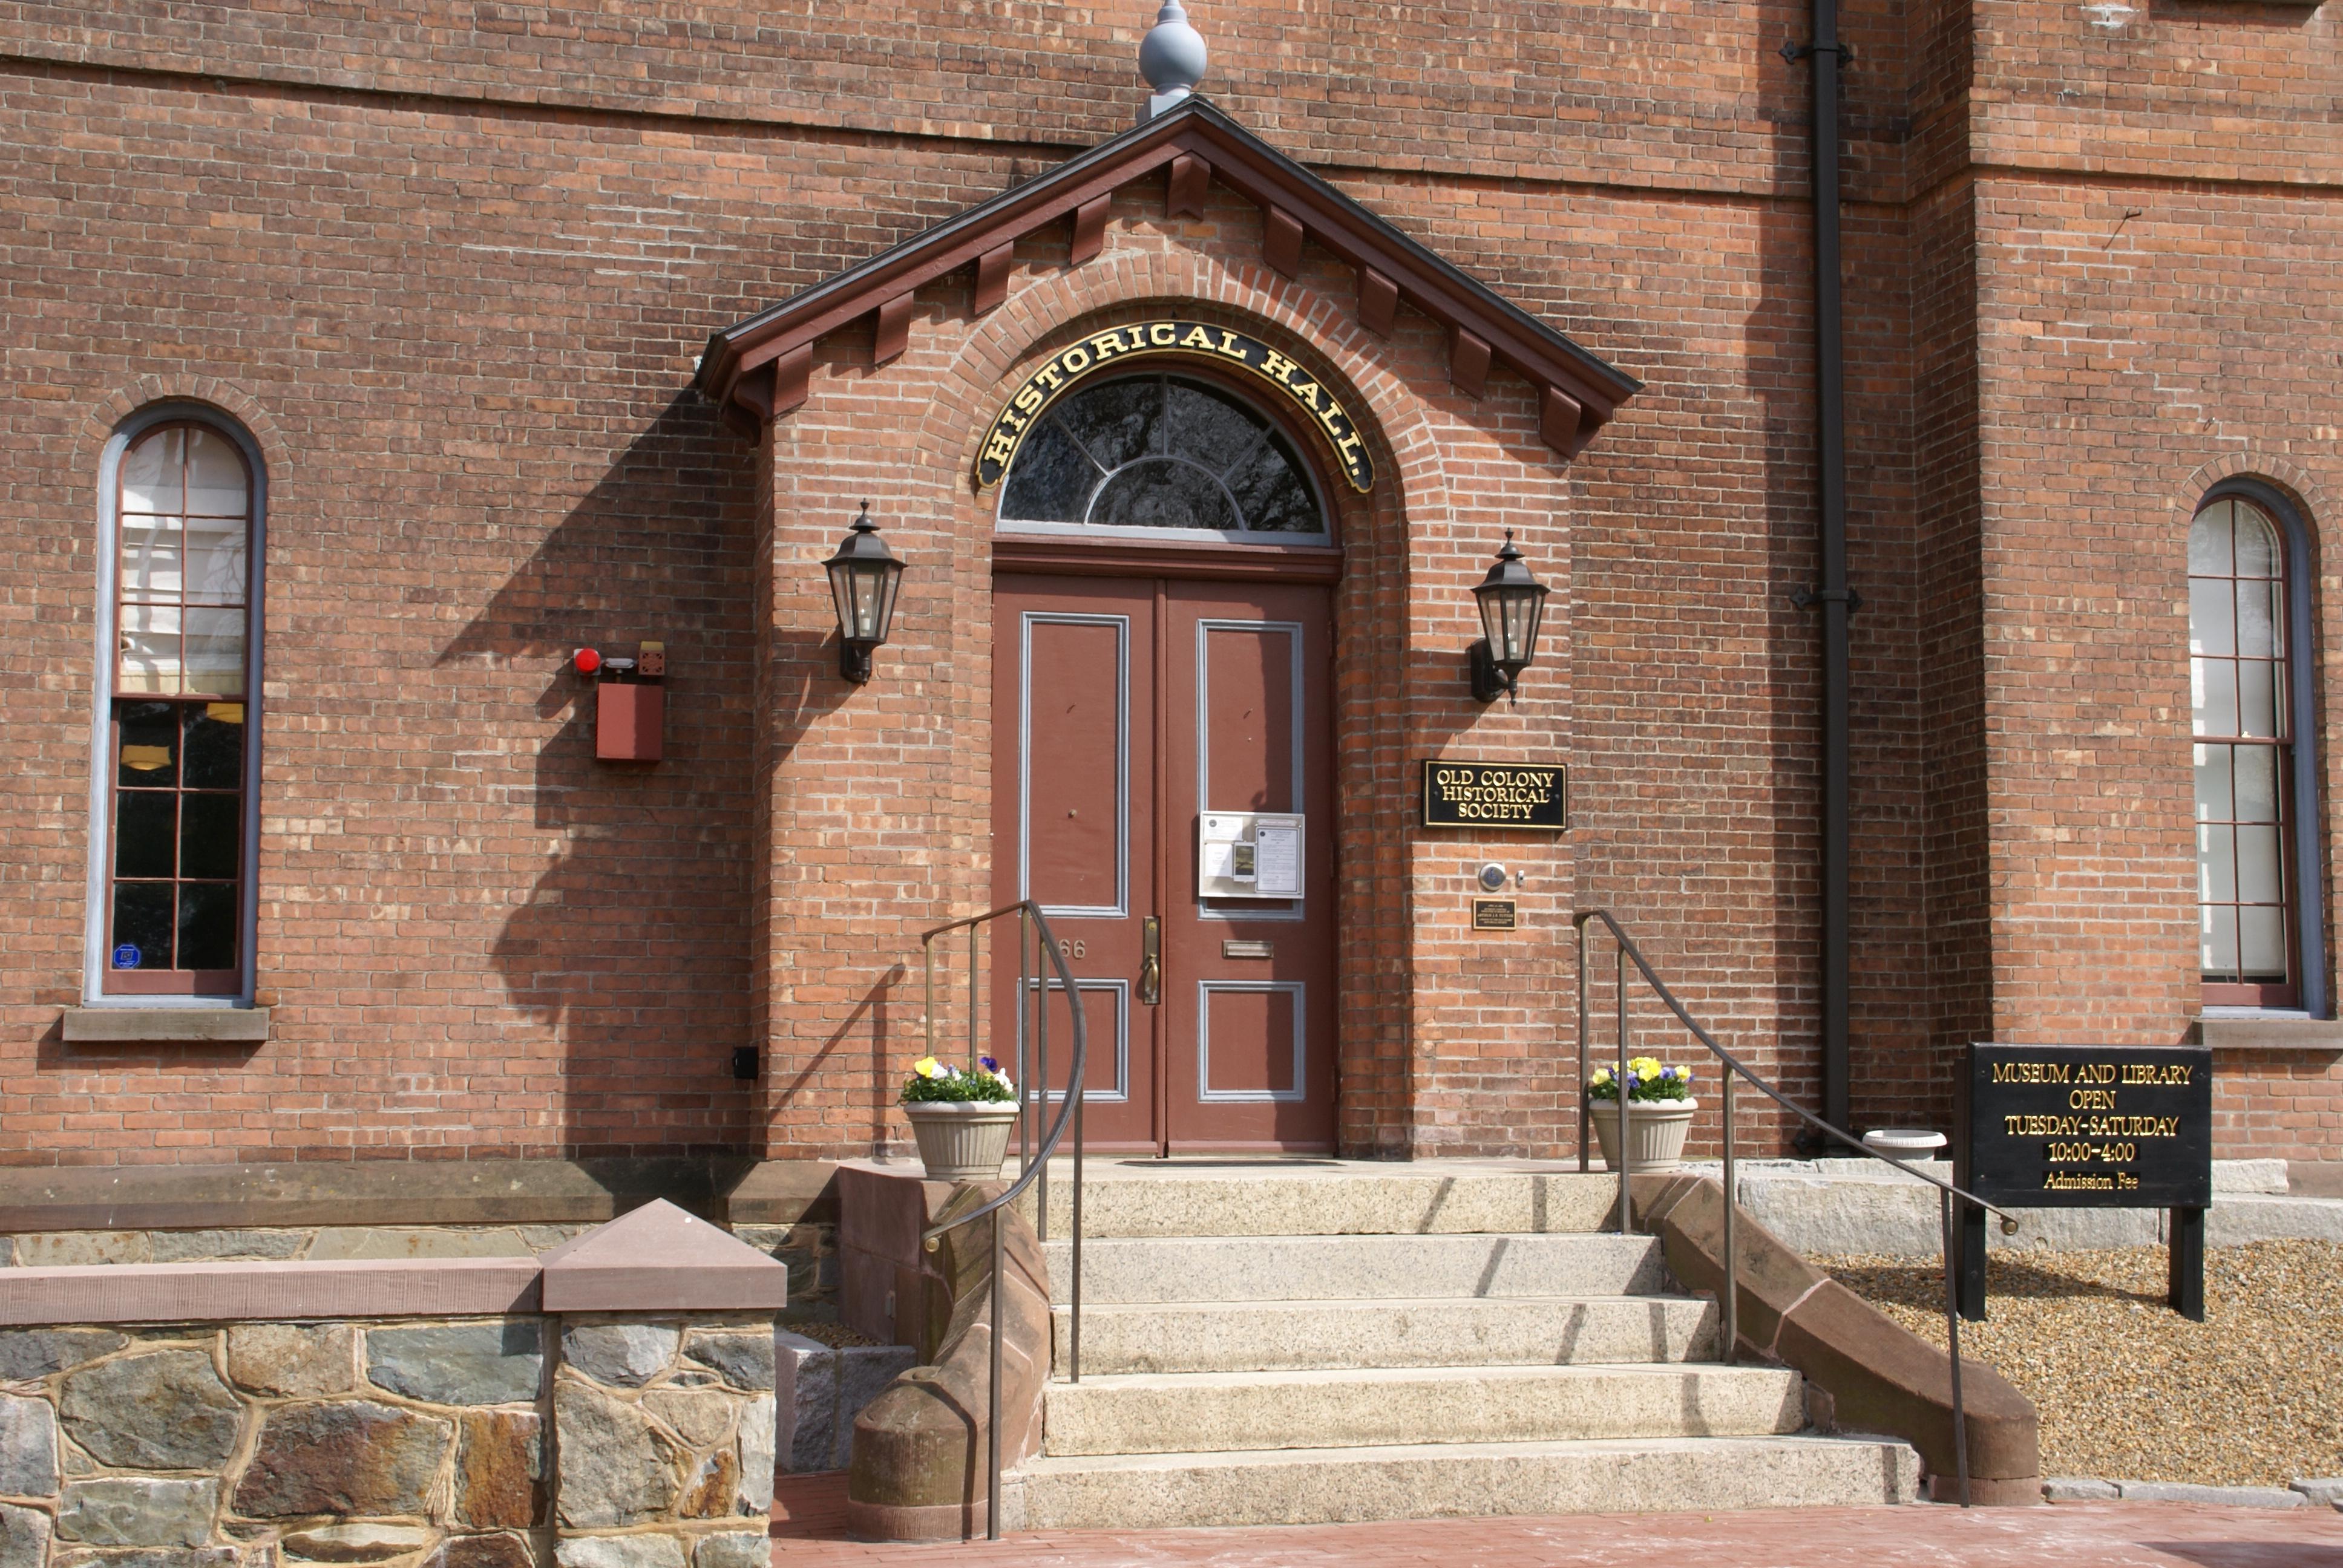 OCHS Front Door 4-29-09